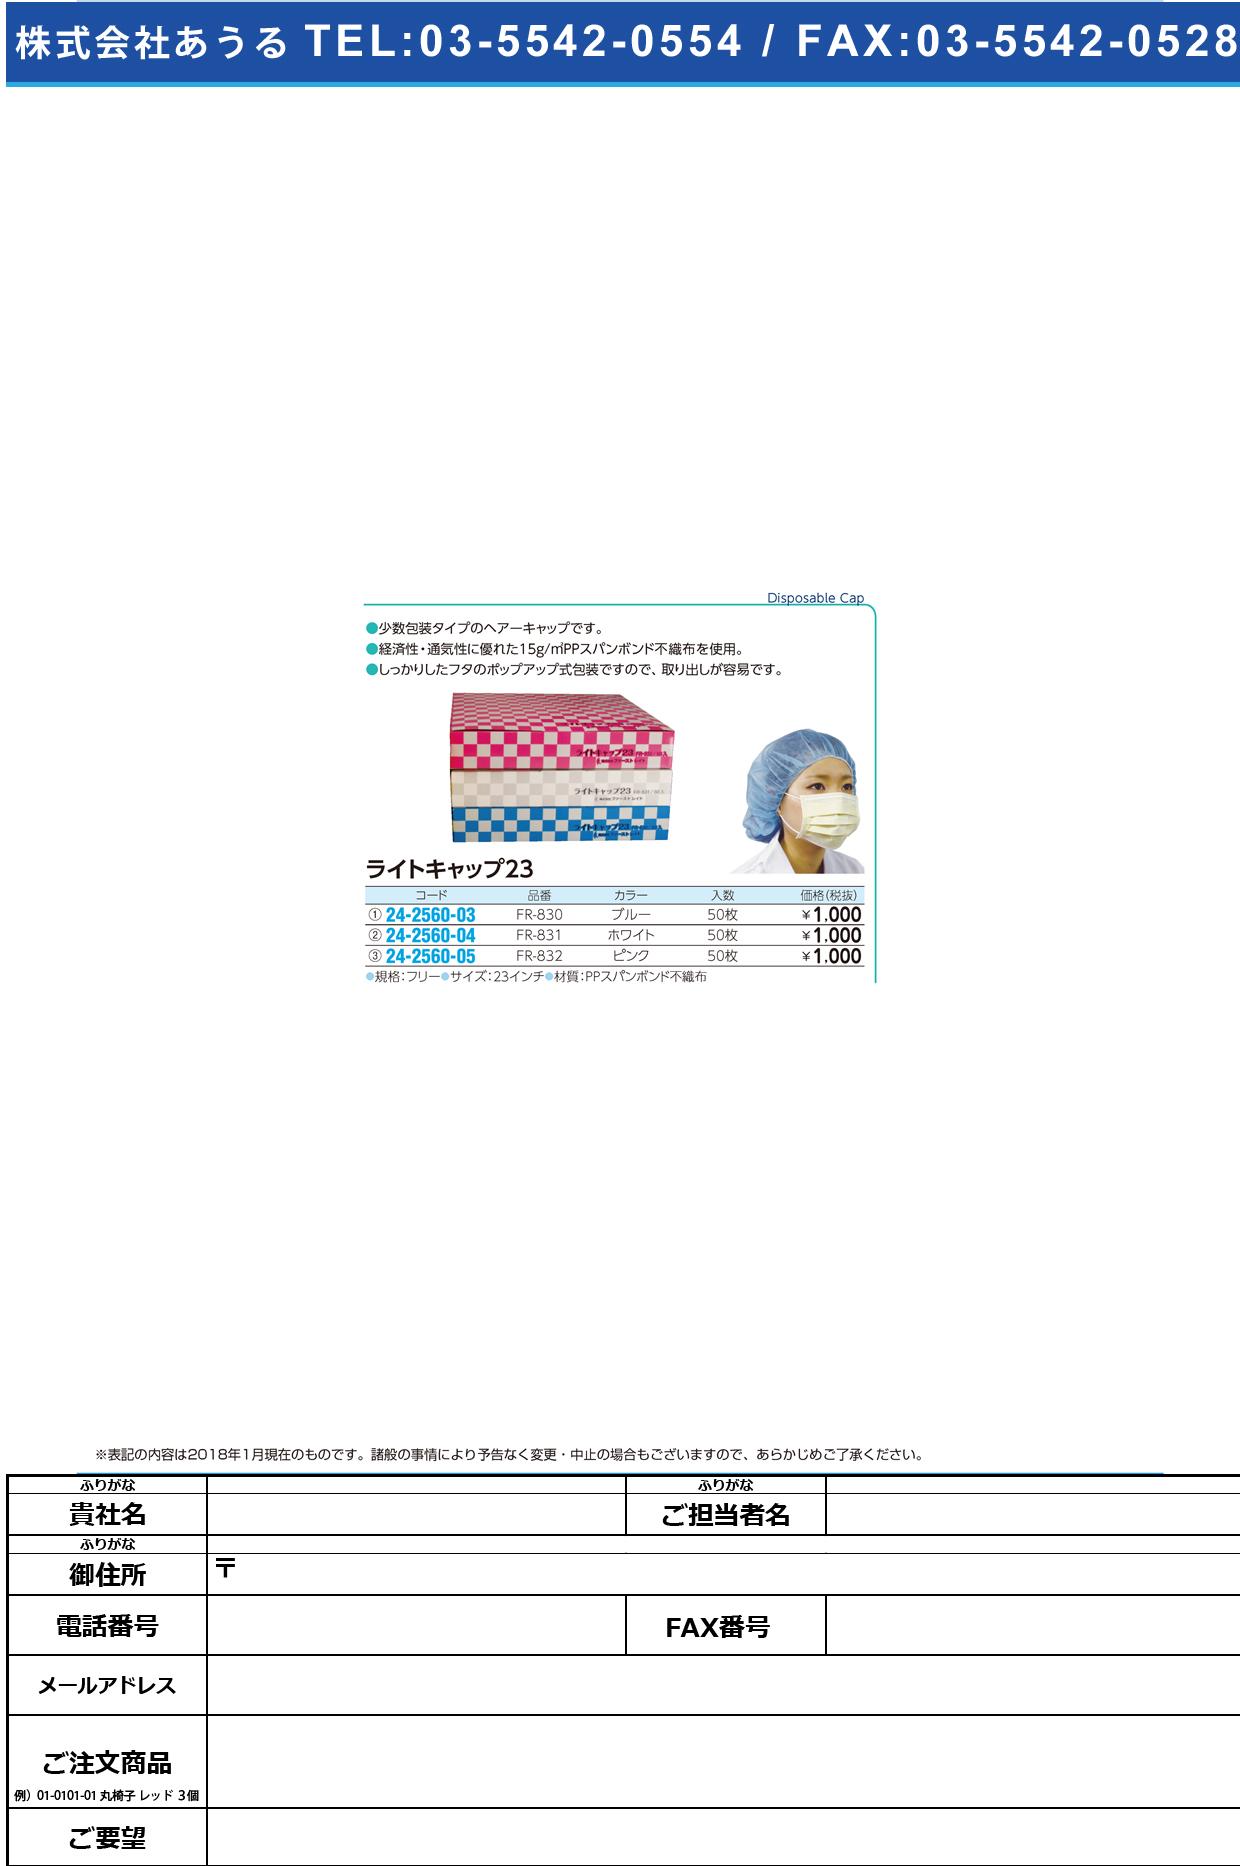 (24-2560-04)ライトキャップ23 FR-831(ホワイト)50マイイリ ライトキャップ23(ファーストレイト)【1箱単位】【2018年カタログ商品】